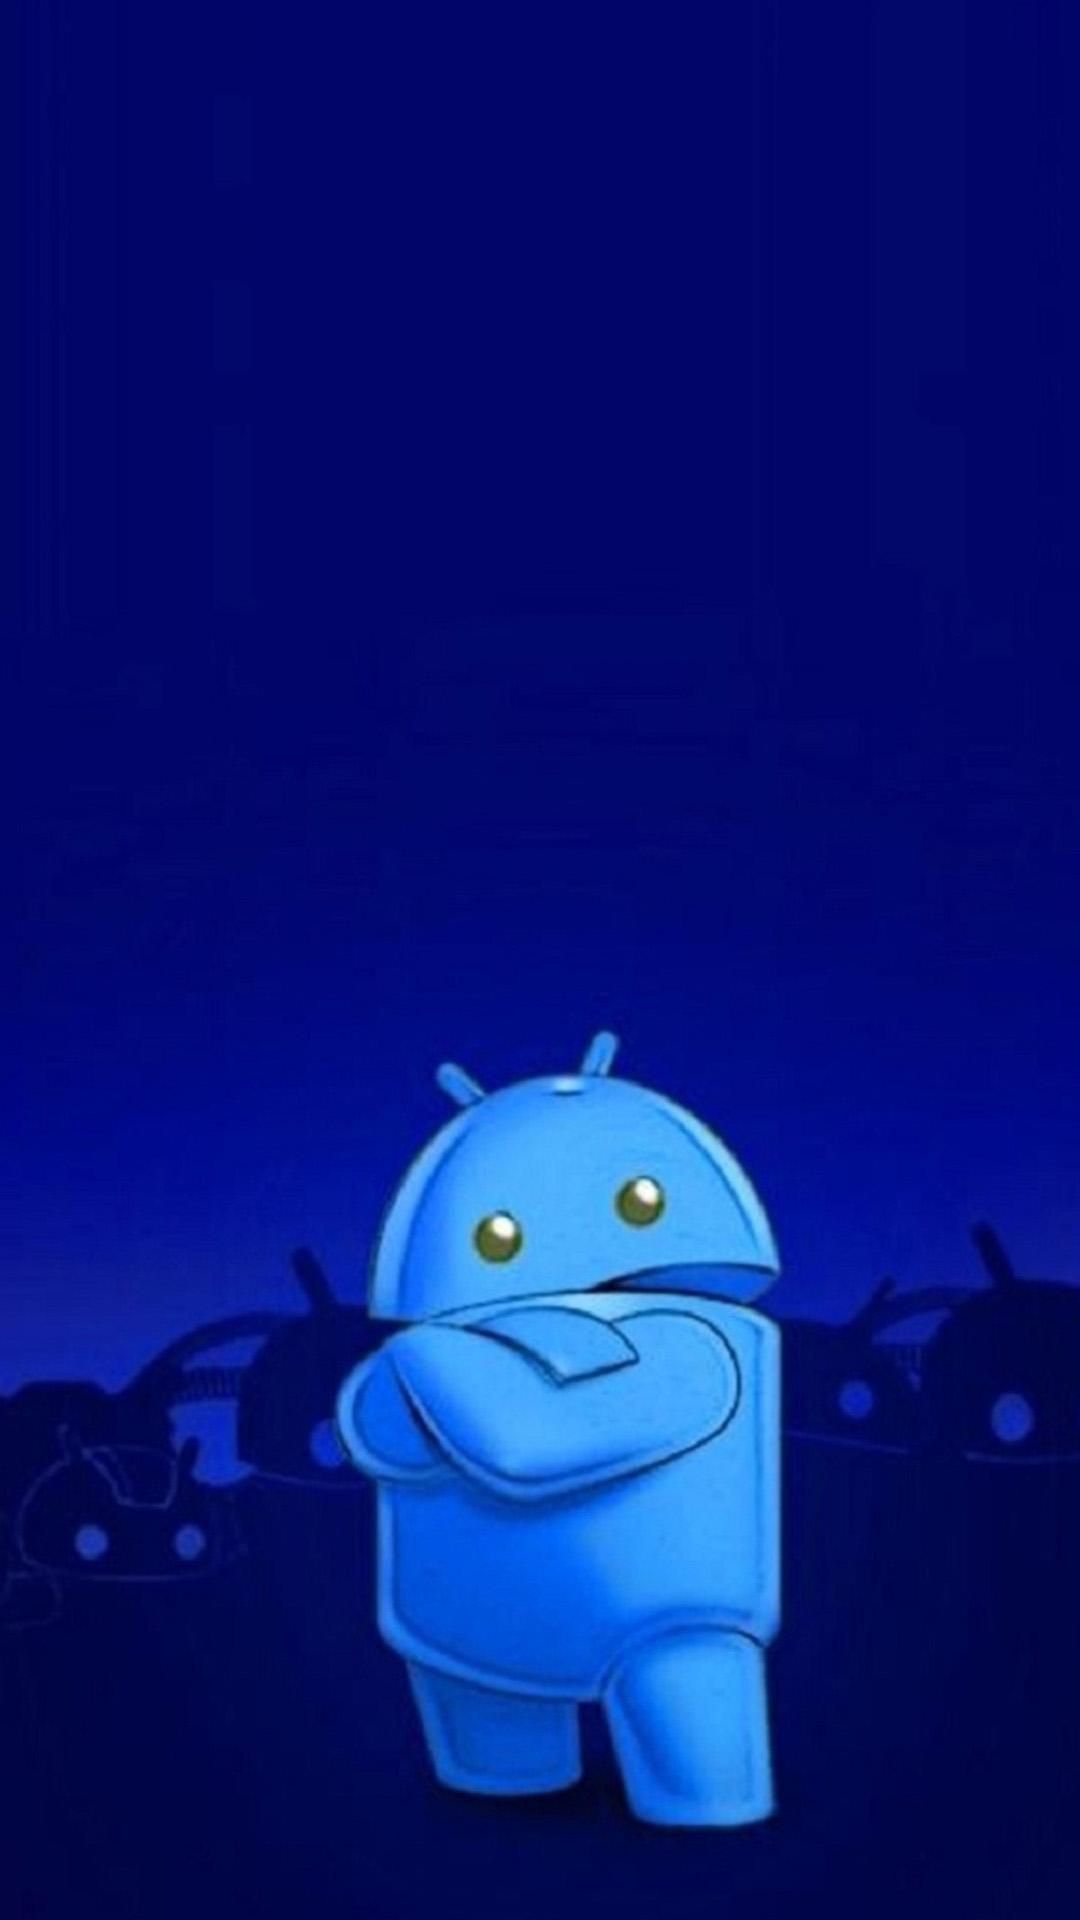 Android Wallpaper Blue - WallpaperSafari